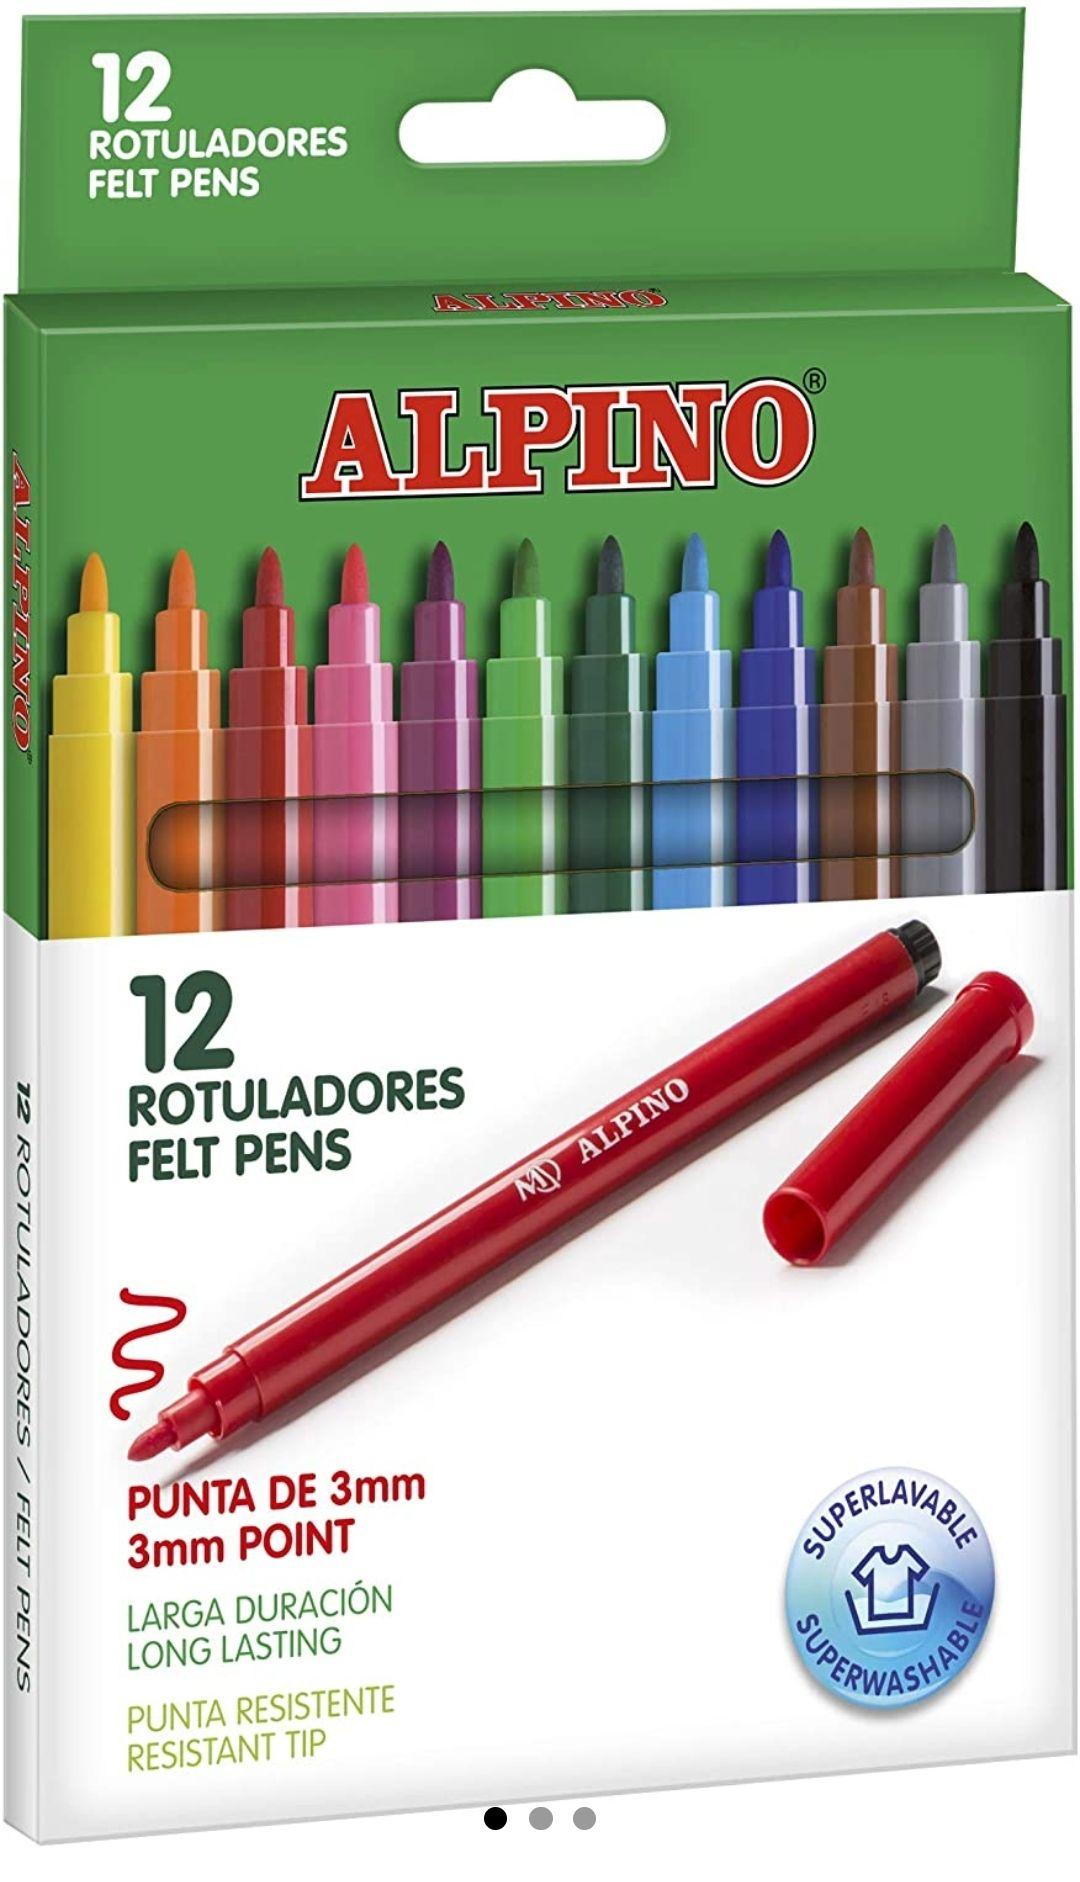 Rotuladores Alpino Coloring para niños - Estuche de 12 Colores con Punta Fina 3mm -